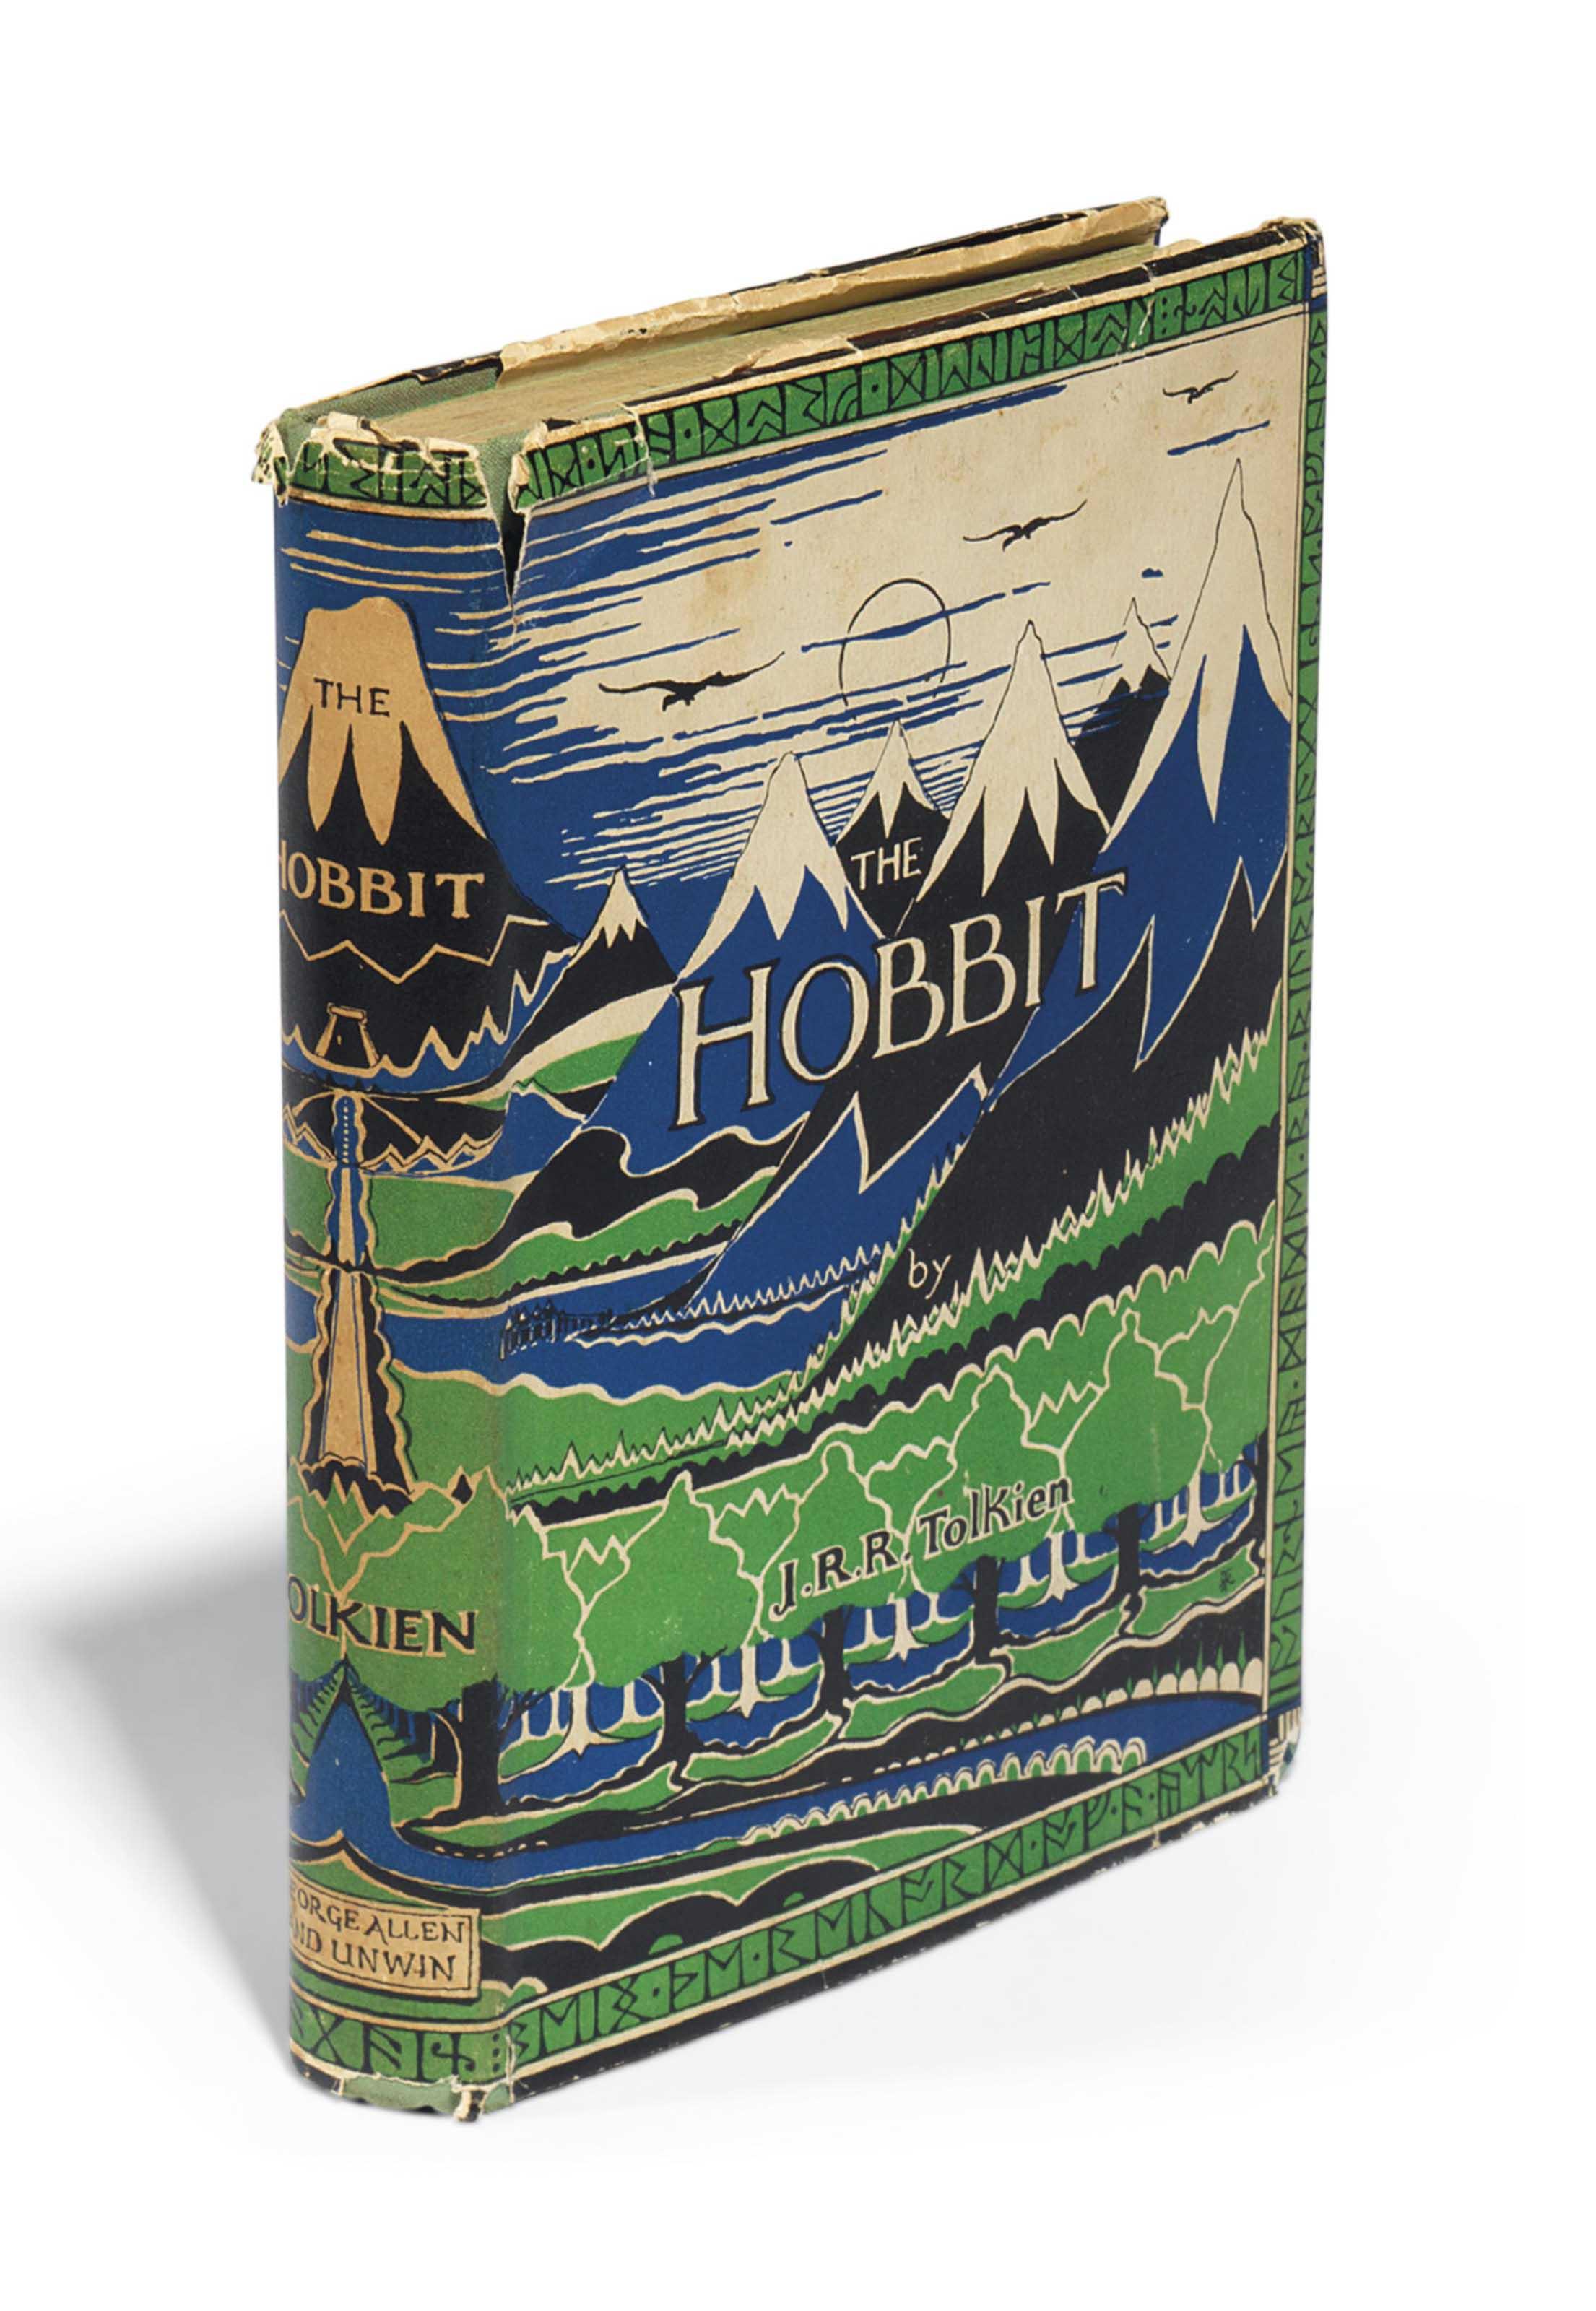 TOLKIEN, John Ronald Reuel (1892-1973). The Hobbit. London: George Allen & Unwin Ltd., 1937.